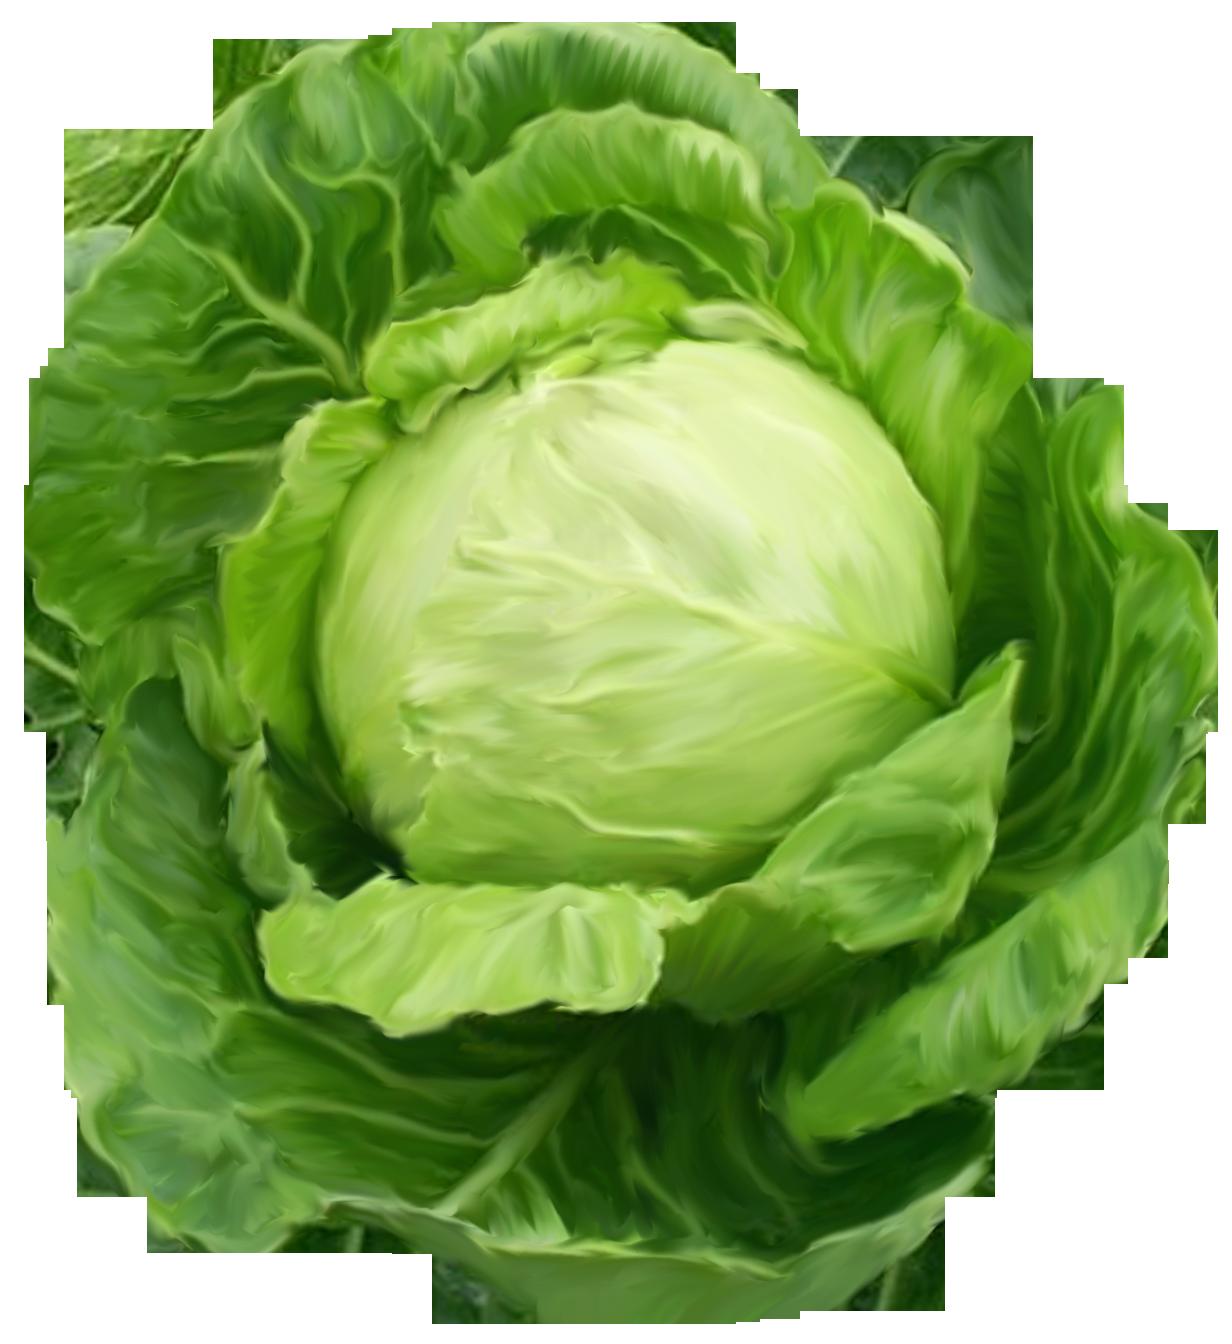 Clipart eye vegetable. Cabbage png pixels vegetables